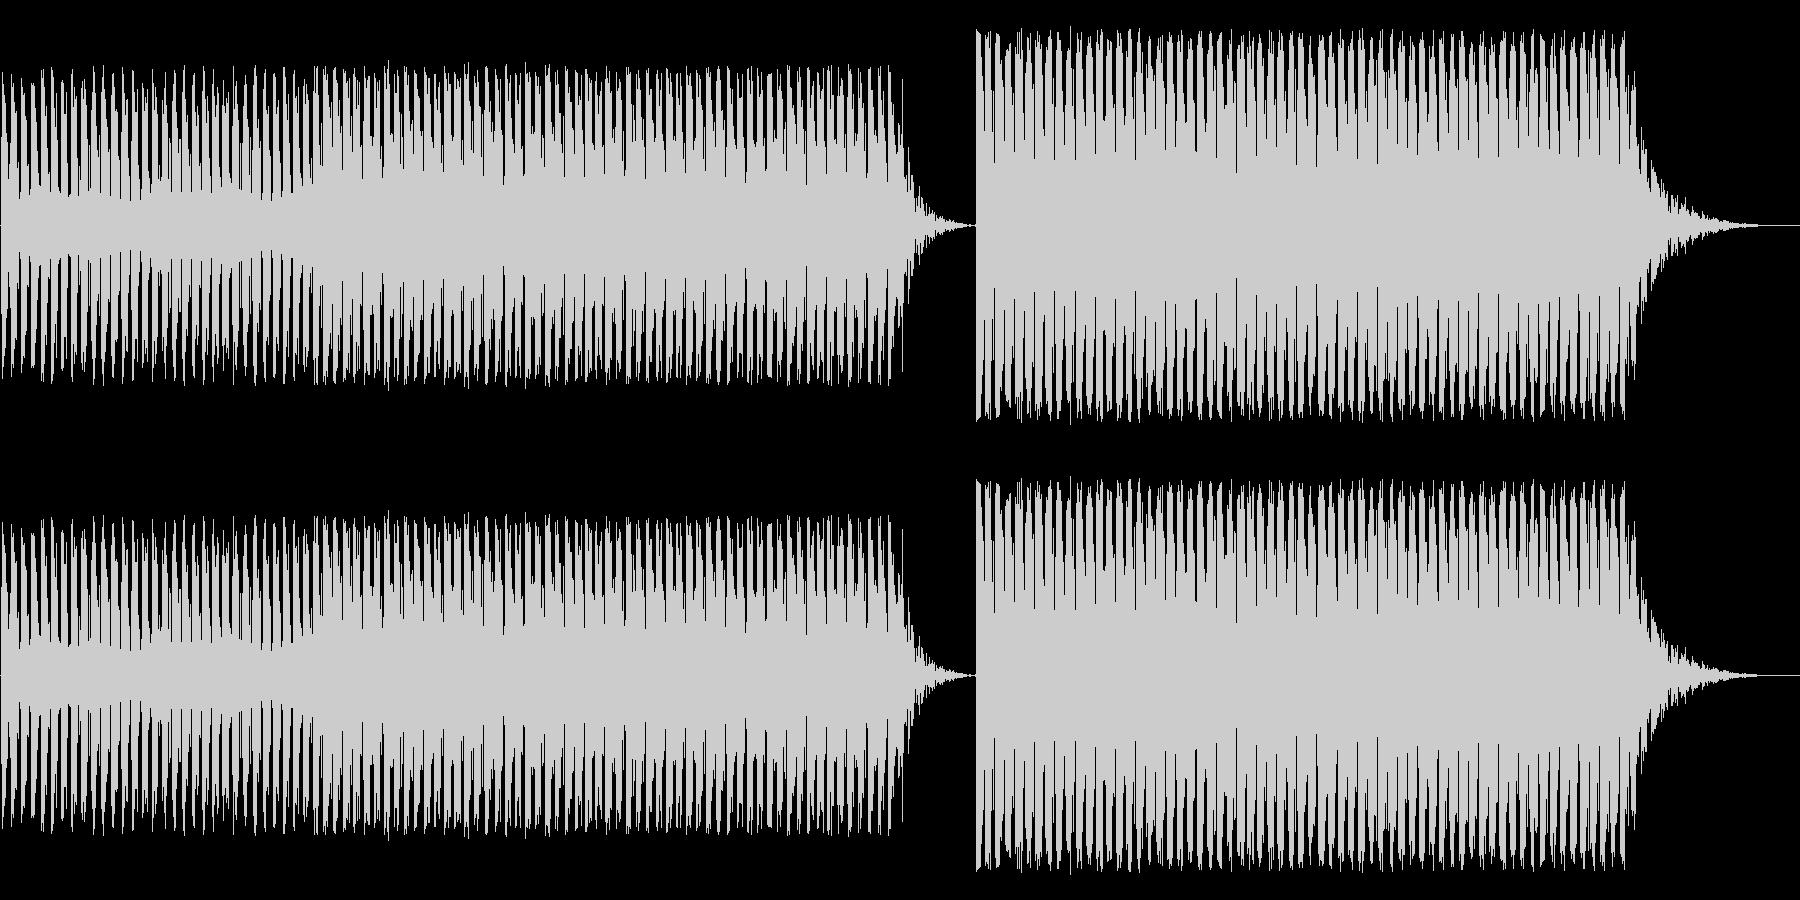 とにかくやかましいアラーム音の未再生の波形